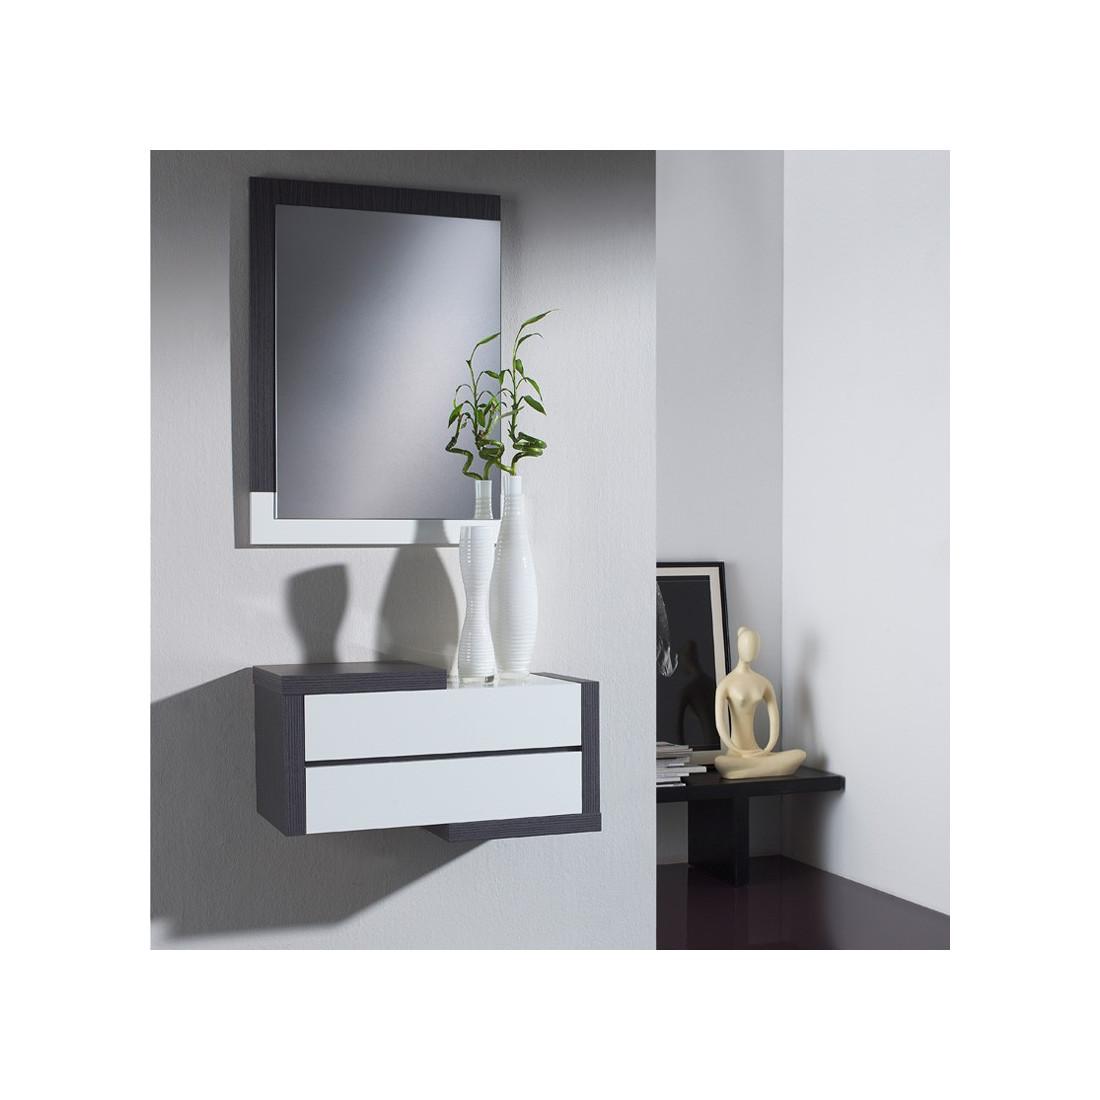 Meuble d 39 entr e cendre miroir recto univers petits meubles - Meuble d entree miroir ...